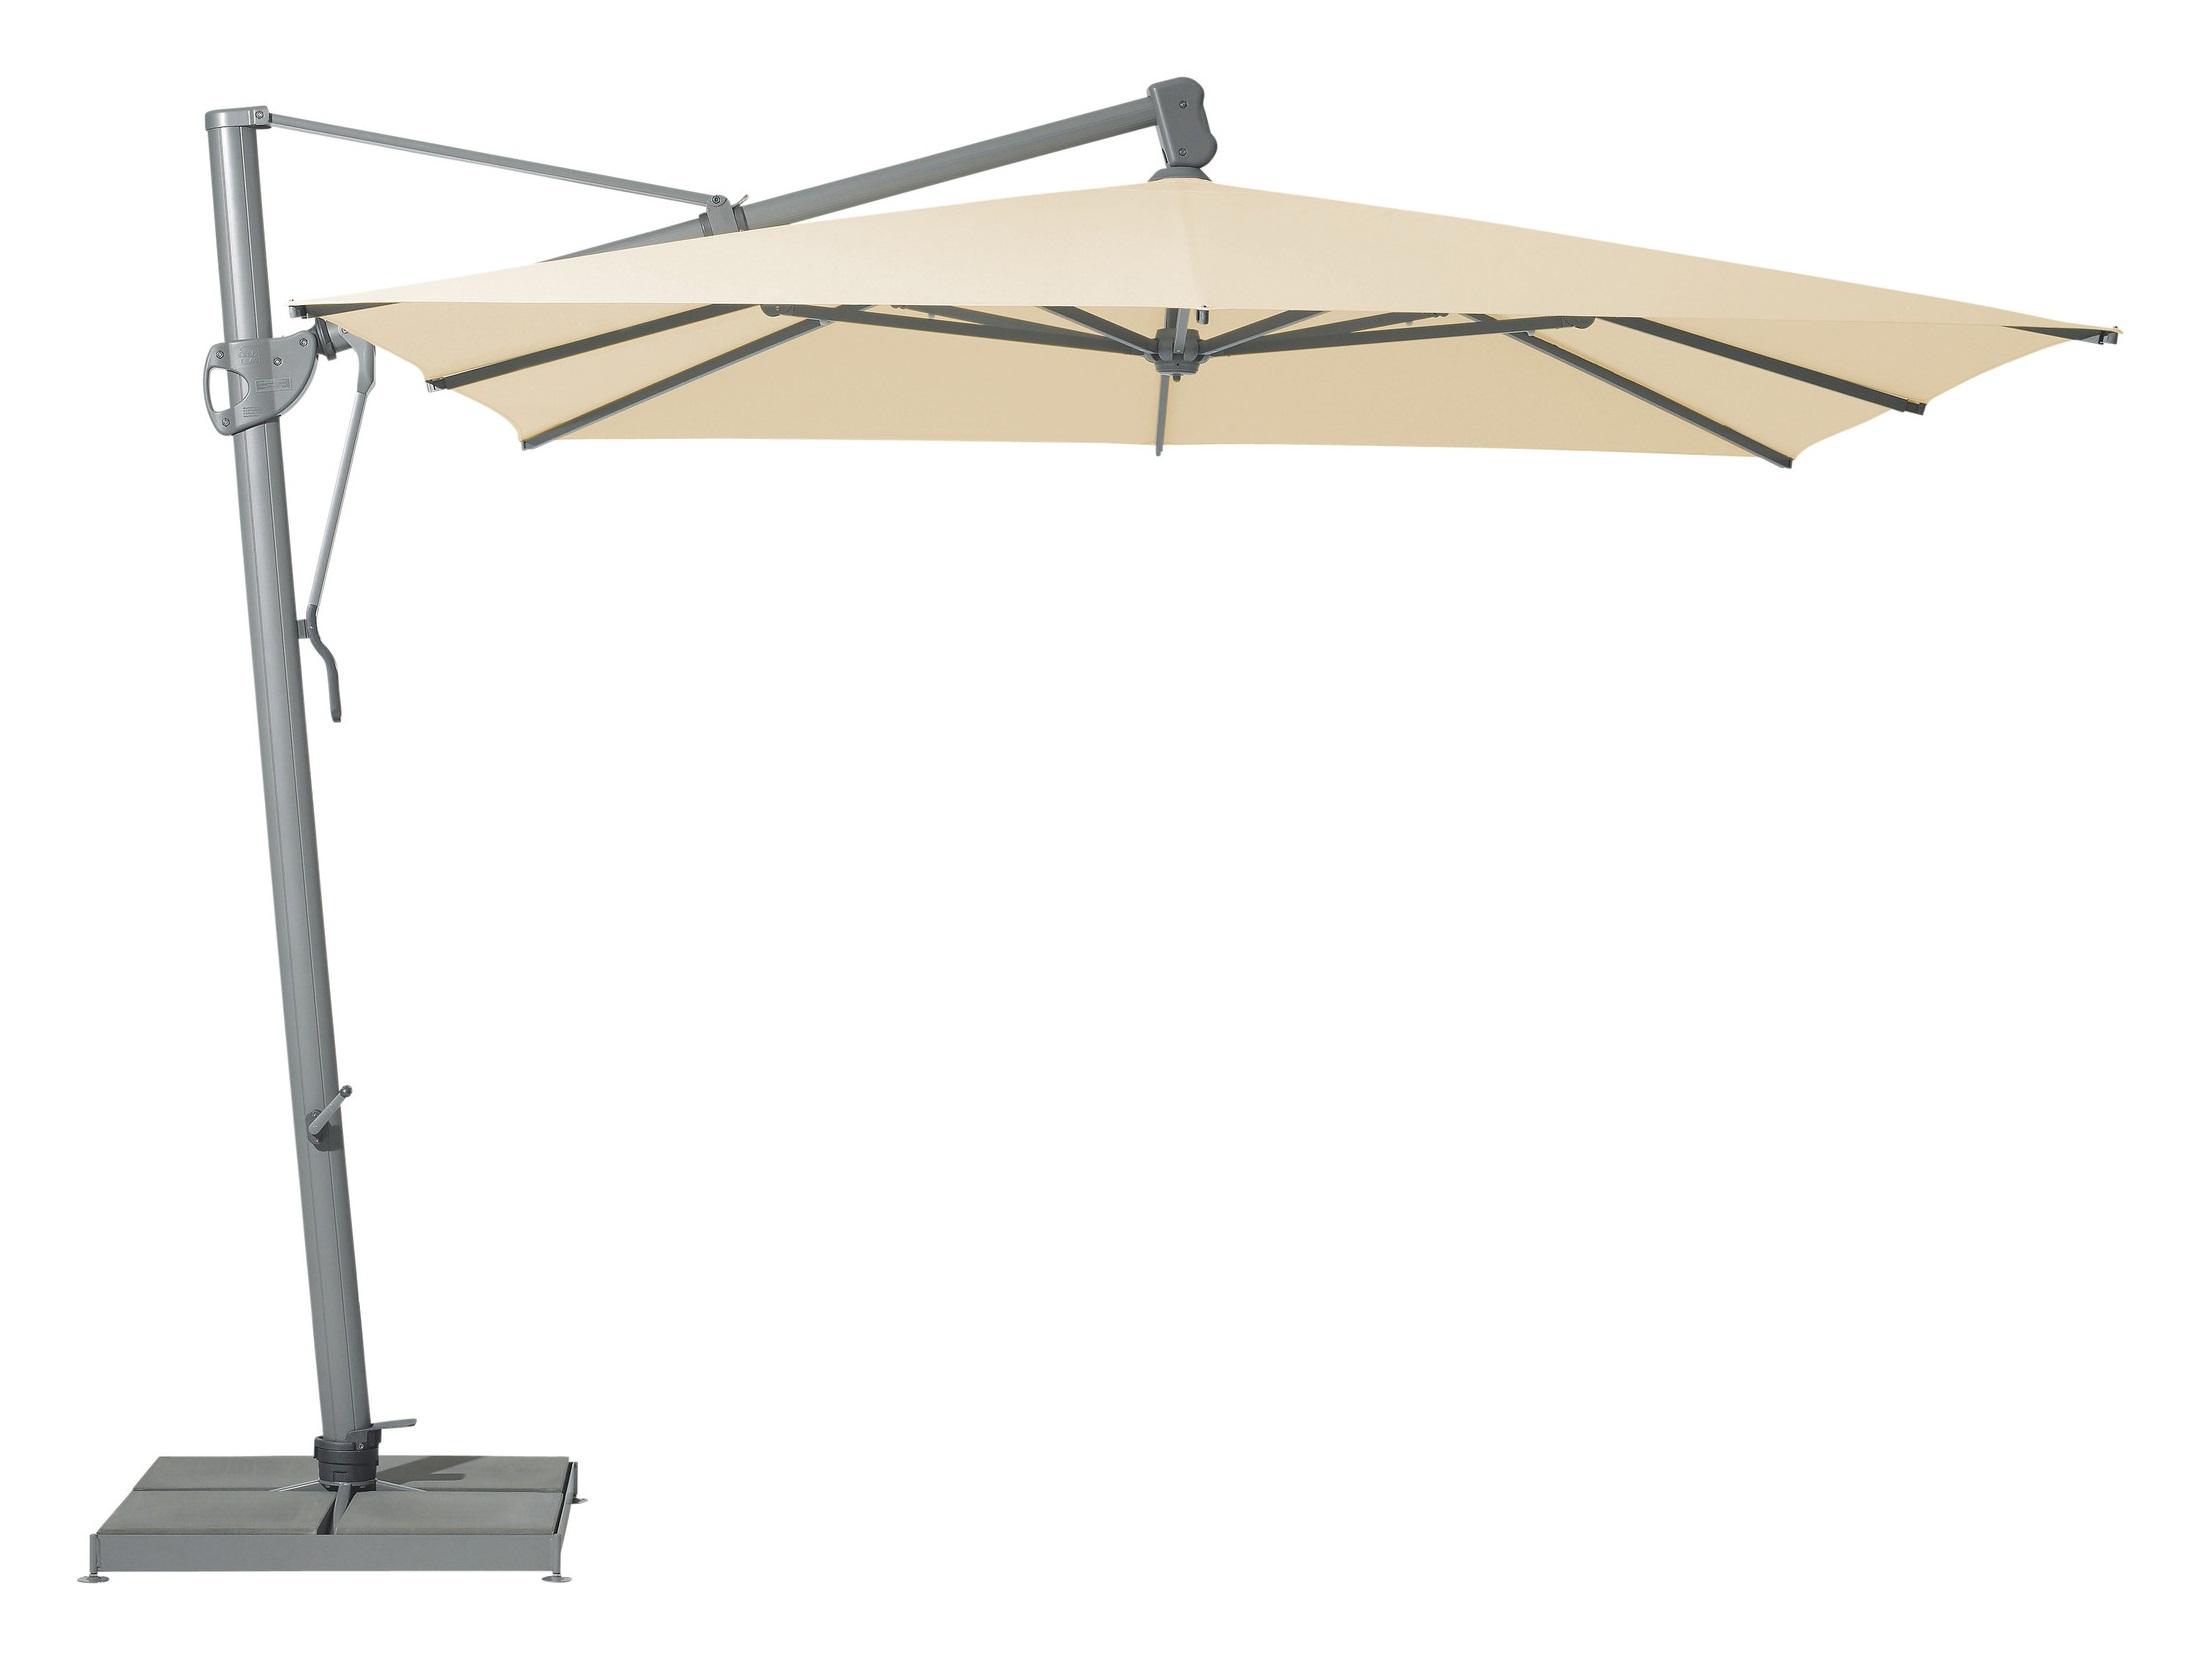 Уличный зонт Sombrano easyТенты и зонты<br>Квадратный зонт с боковой опорой, каркас из крашенного в темно-серый цвет алюминия.&amp;amp;nbsp;&amp;lt;div&amp;gt;Вращается вокруг своей оси.&amp;amp;nbsp;&amp;lt;/div&amp;gt;&amp;lt;div&amp;gt;Регулируется угол наклона купола.&amp;amp;nbsp;&amp;lt;/div&amp;gt;&amp;lt;div&amp;gt;Плотность ткани 220 g/m2.&amp;amp;nbsp;&amp;lt;/div&amp;gt;&amp;lt;div&amp;gt;Максимальная ветровая нагрузка 45км/ч.&amp;amp;nbsp;&amp;lt;/div&amp;gt;&amp;lt;div&amp;gt;В комплект входит:  база 180кг, декоративная крышка для базы, защитный чехол.&amp;amp;nbsp;&amp;lt;/div&amp;gt;<br><br>Material: Алюминий<br>Ширина см: 300<br>Высота см: 300<br>Глубина см: 300